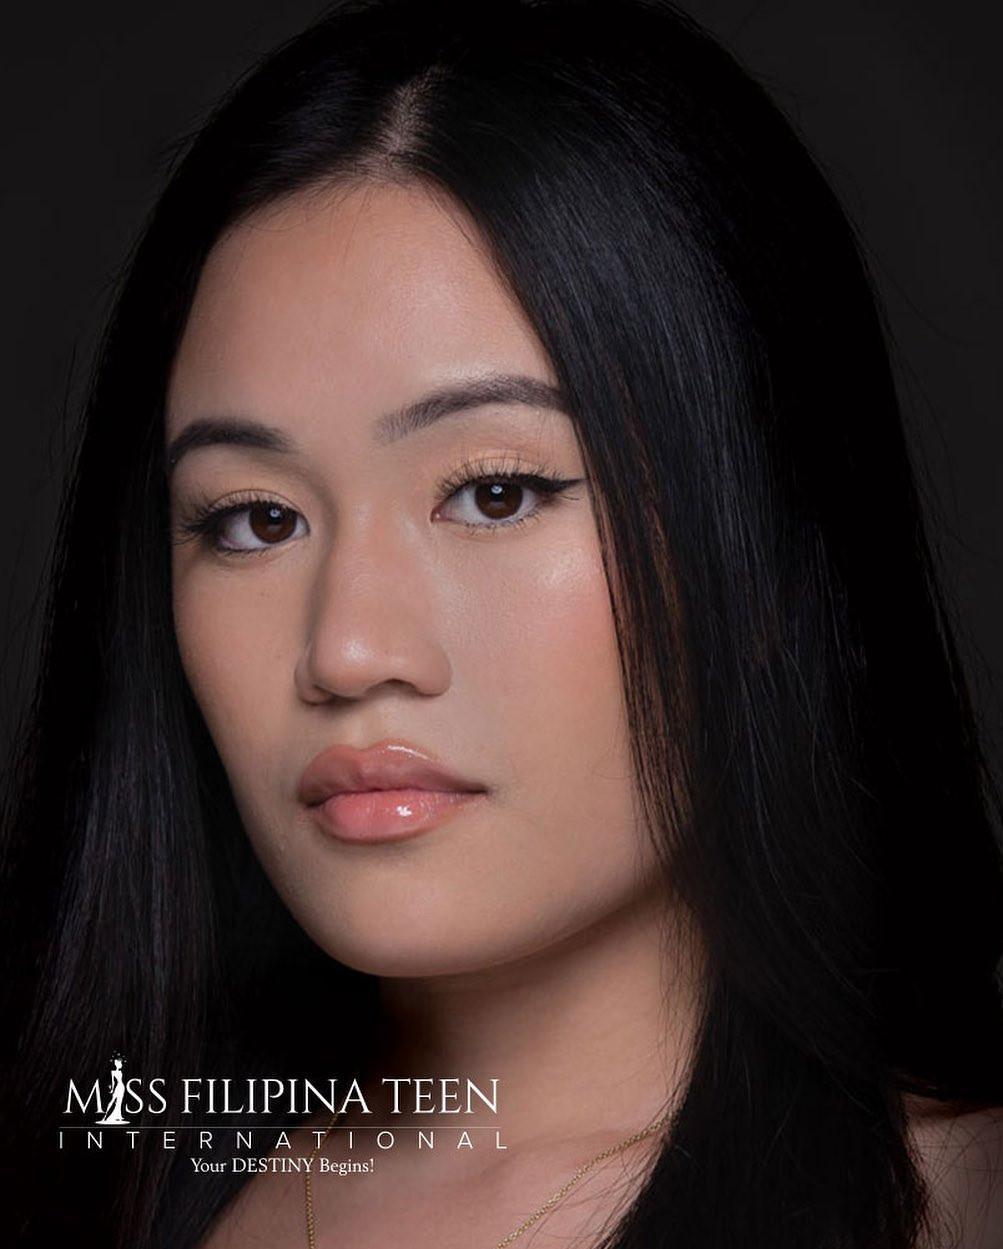 candidatas a miss filipina teen international 2021. final: 31 july. A5C7MN